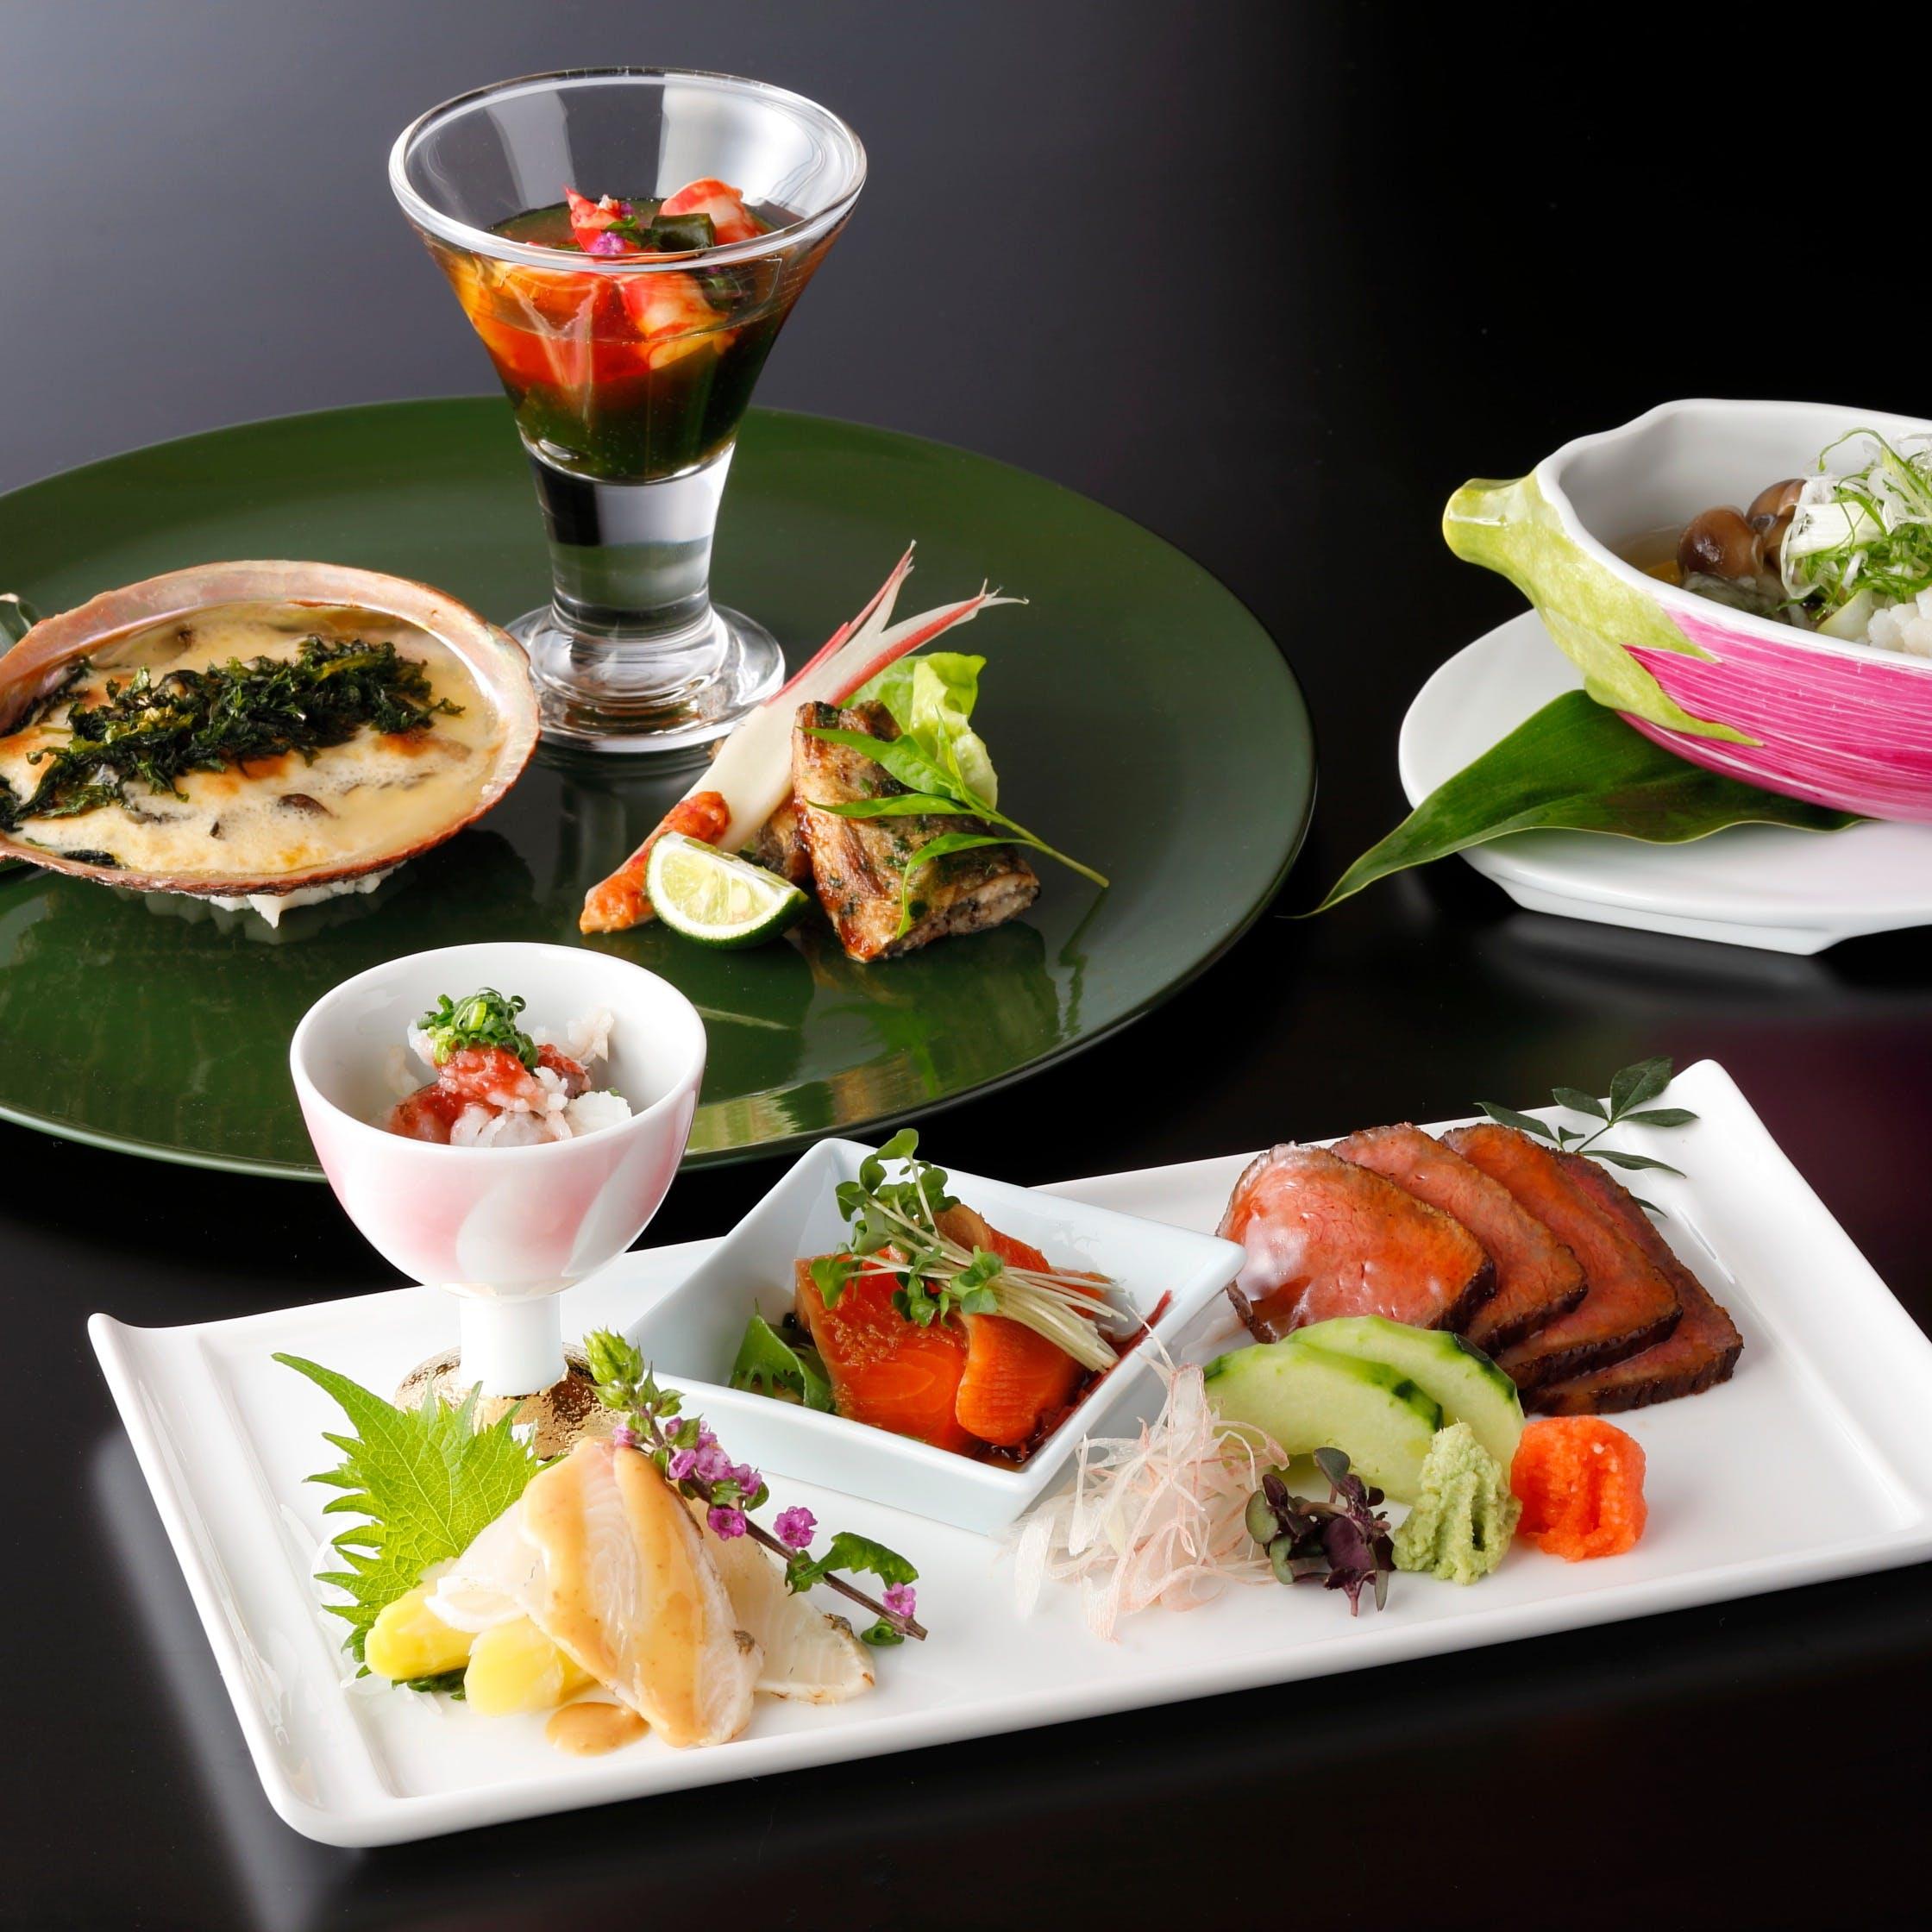 厳選素材を用いた、季節毎に旬の食材をお楽しみいただける日本料理